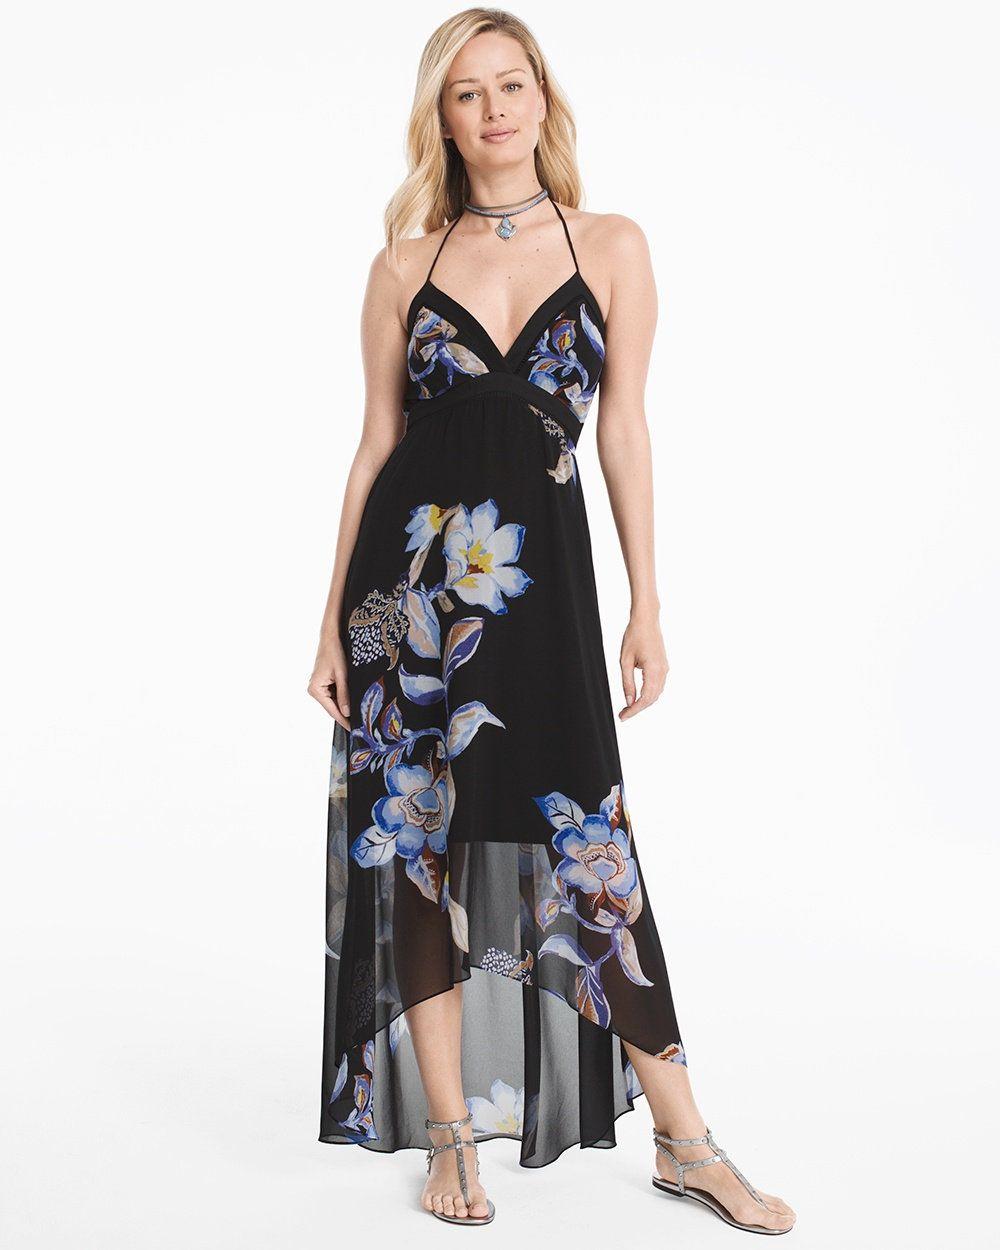 b9697f7b4b7 Floral High-Low Maxi Dress